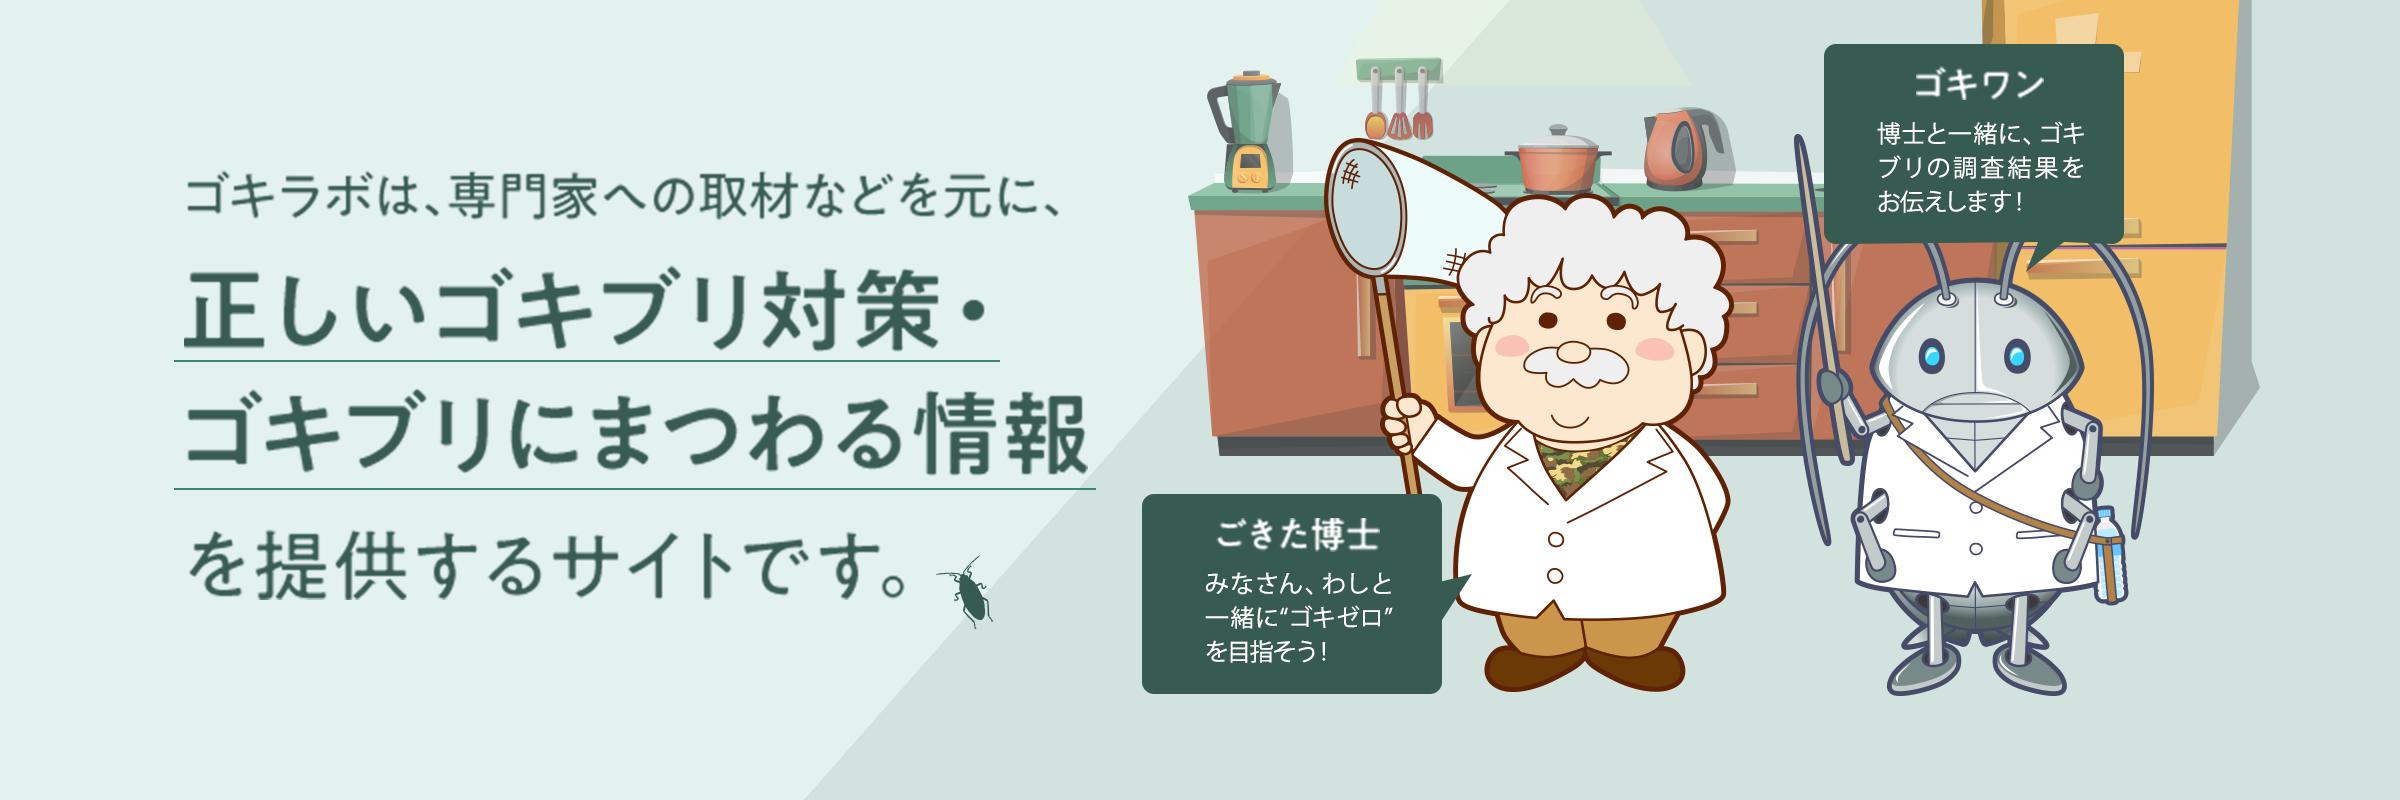 ゴキラボは、専門家への取材などを元に、正しいゴキブリ対策・ゴキブリにまつわる情報を提供するサイトです。